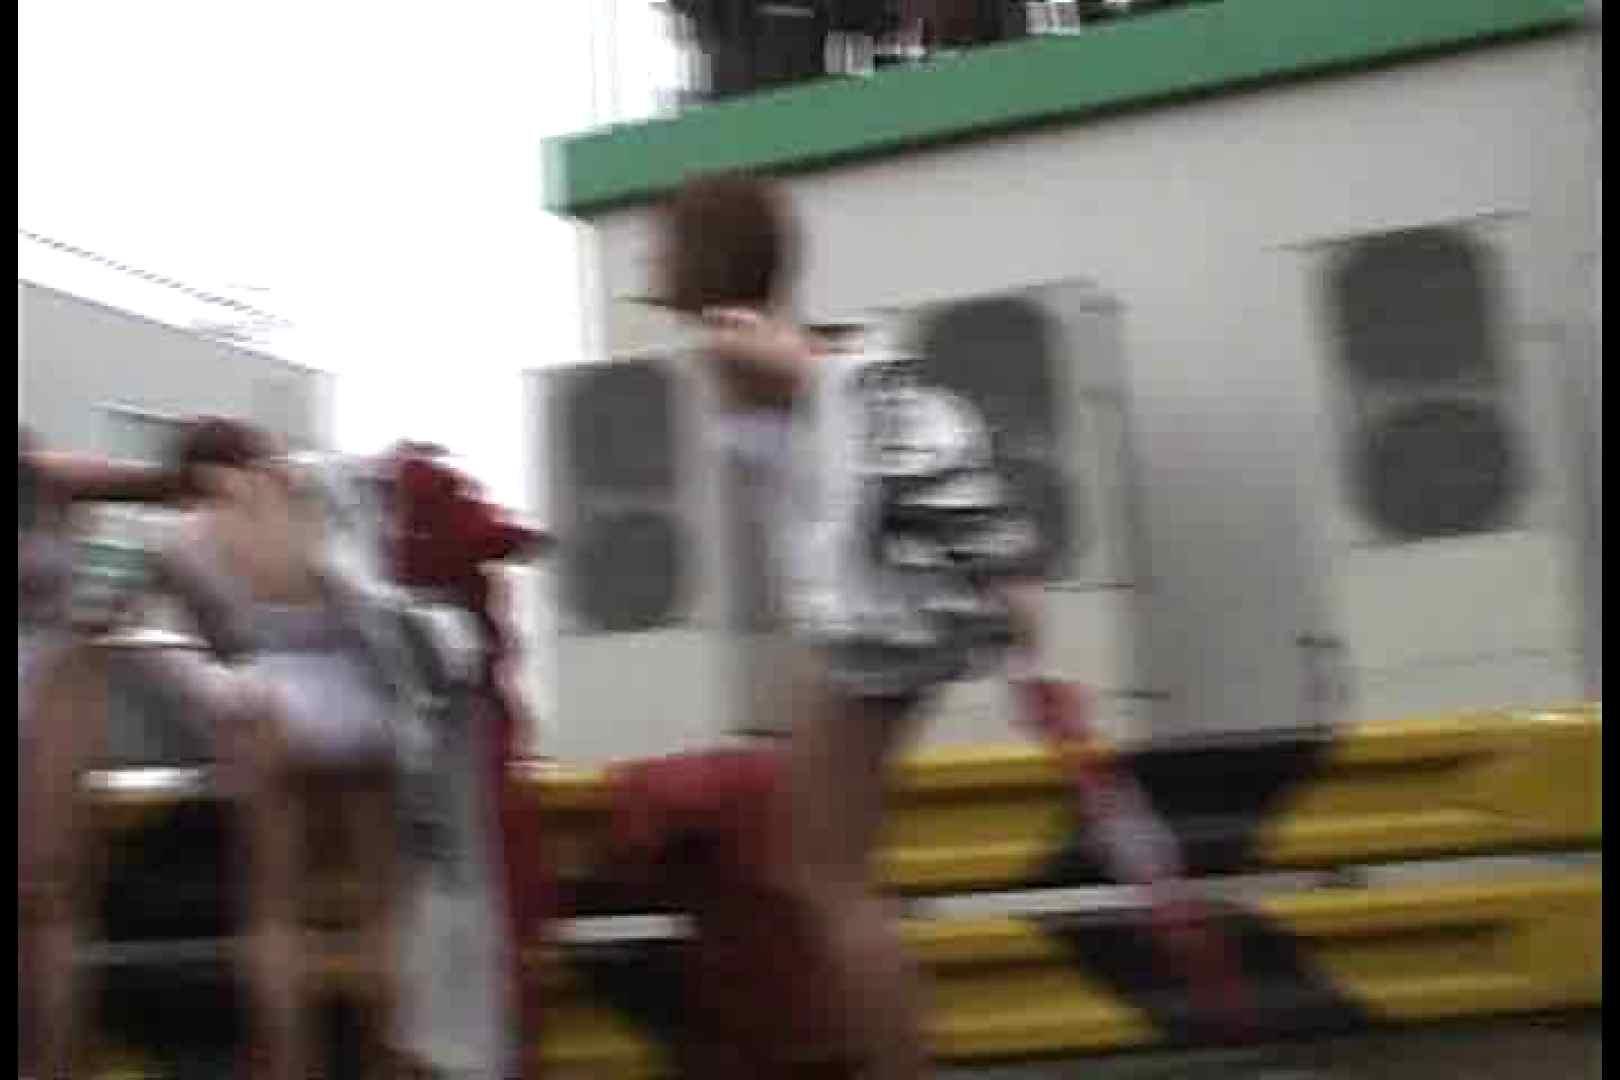 RQカメラ地獄Vol.4 無修正マンコ 盗み撮りオマンコ動画キャプチャ 83PICs 27